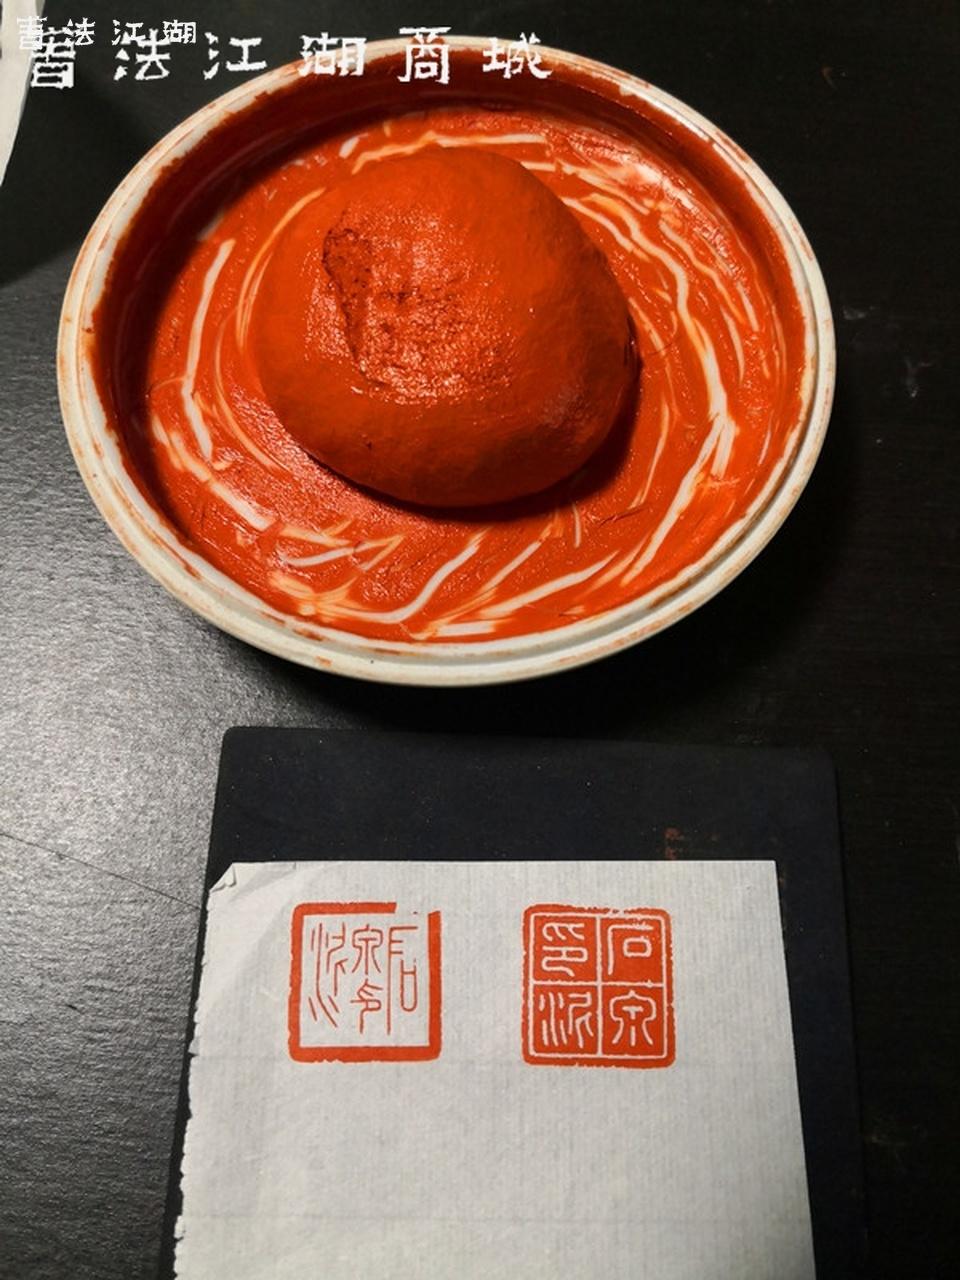 印泥收到后搅拌使用 篆刻使用的话 正好。如果书画作品使用 略偏干些_副本.jpg